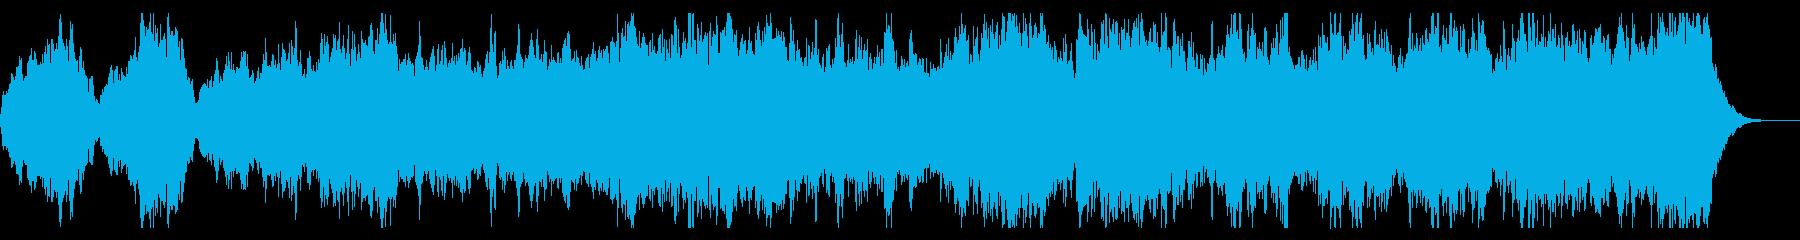 哀愁感のある幻想的、ダークなBGMの再生済みの波形